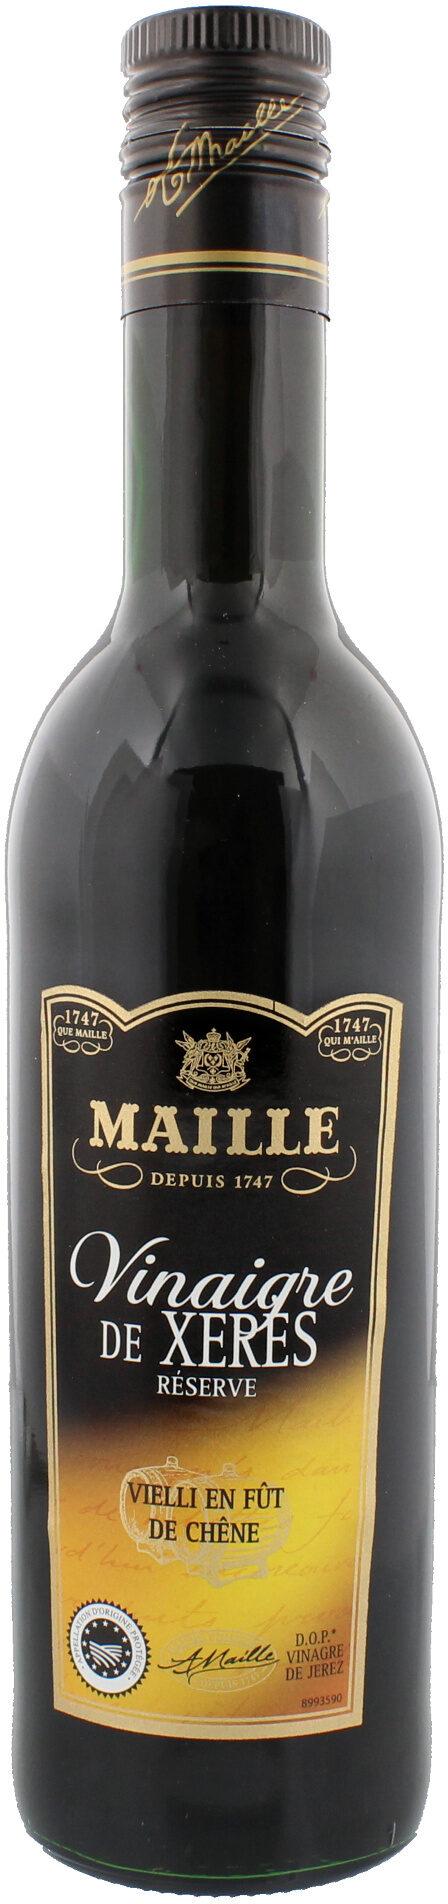 Maille Vinaigre de Xérès 50cl - Produit - fr